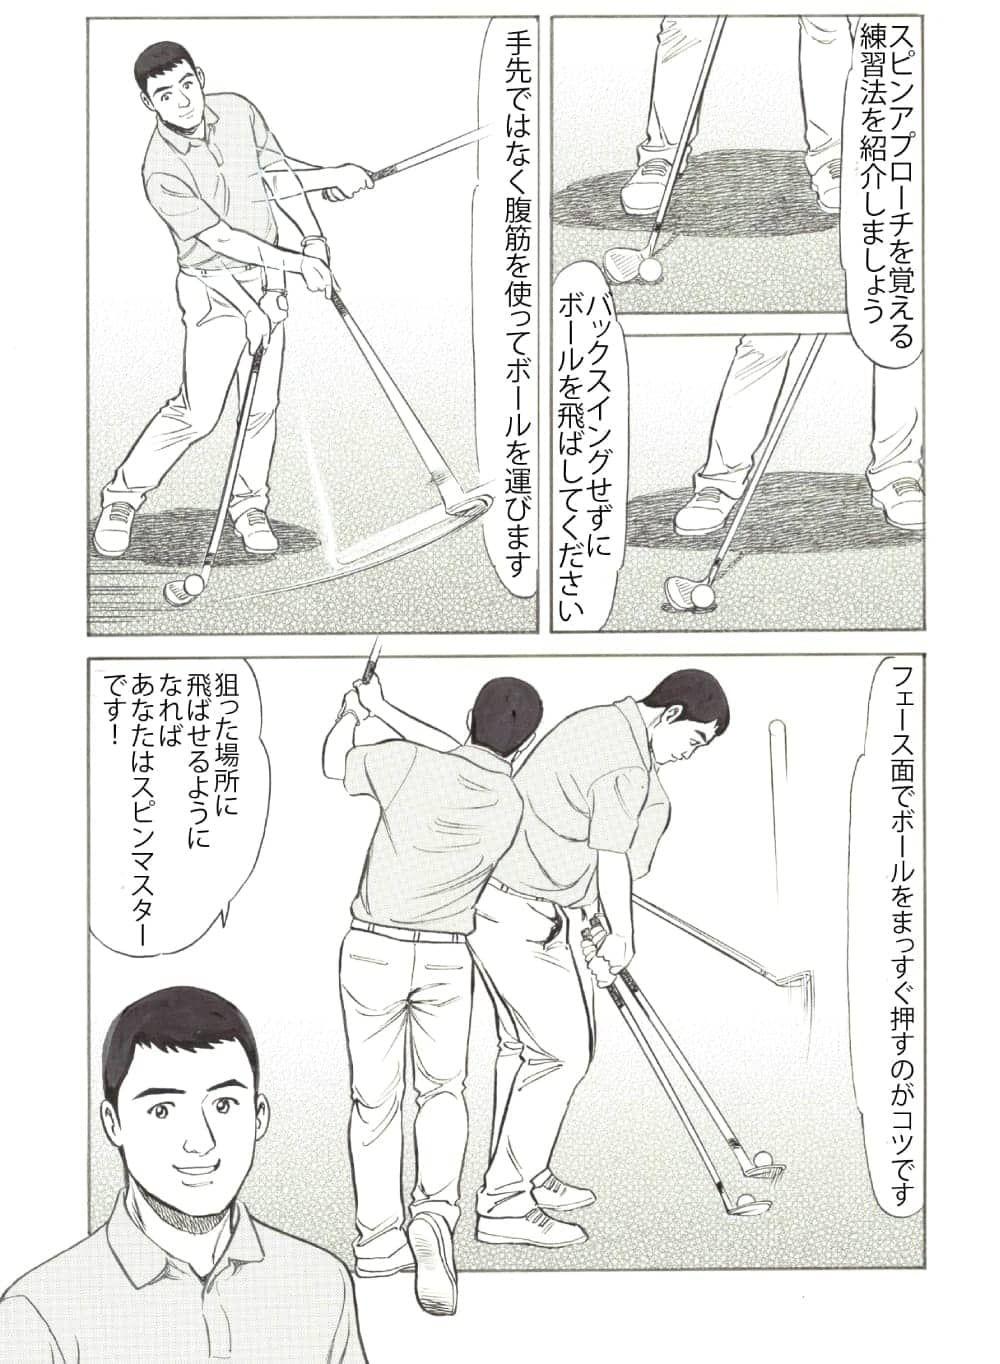 プロのようなスピンアプローチはこうやって打つ スコアアップにつながるゴルフ理論 Honda Golf ゴルフ 理論 イボミ